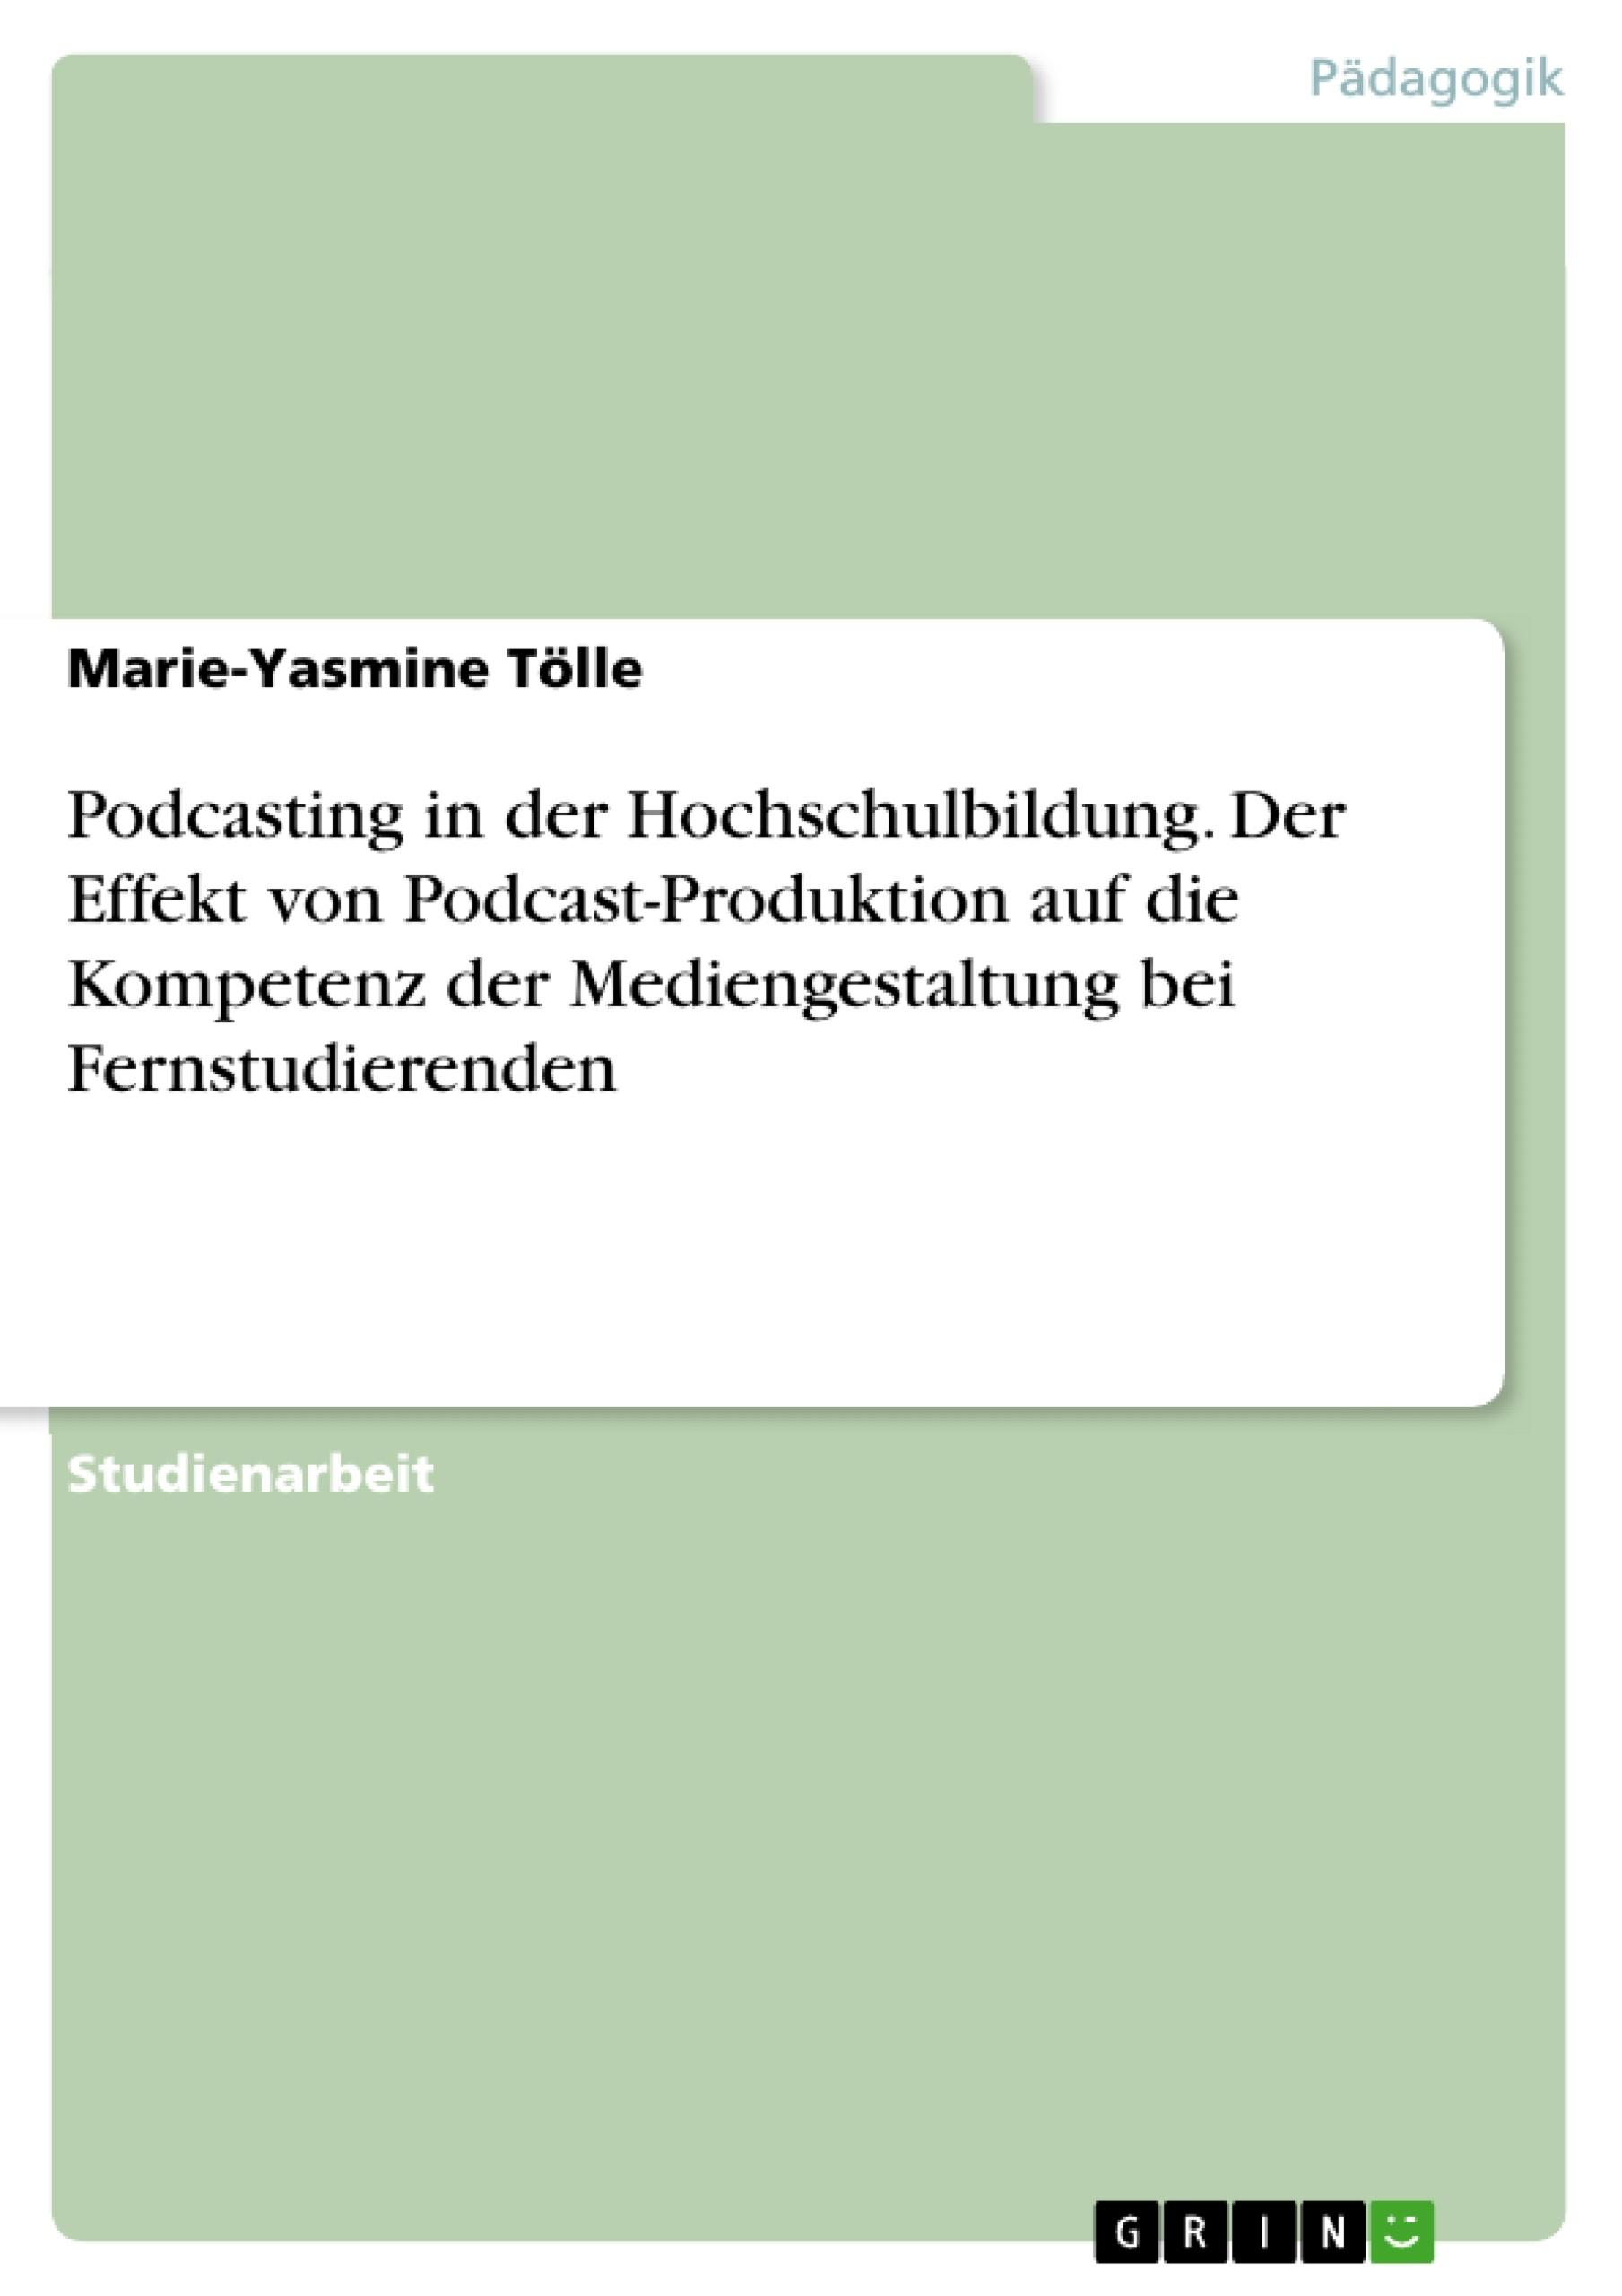 Titel: Podcasting in der Hochschulbildung. Der Effekt von Podcast-Produktion auf die Kompetenz der Mediengestaltung bei Fernstudierenden